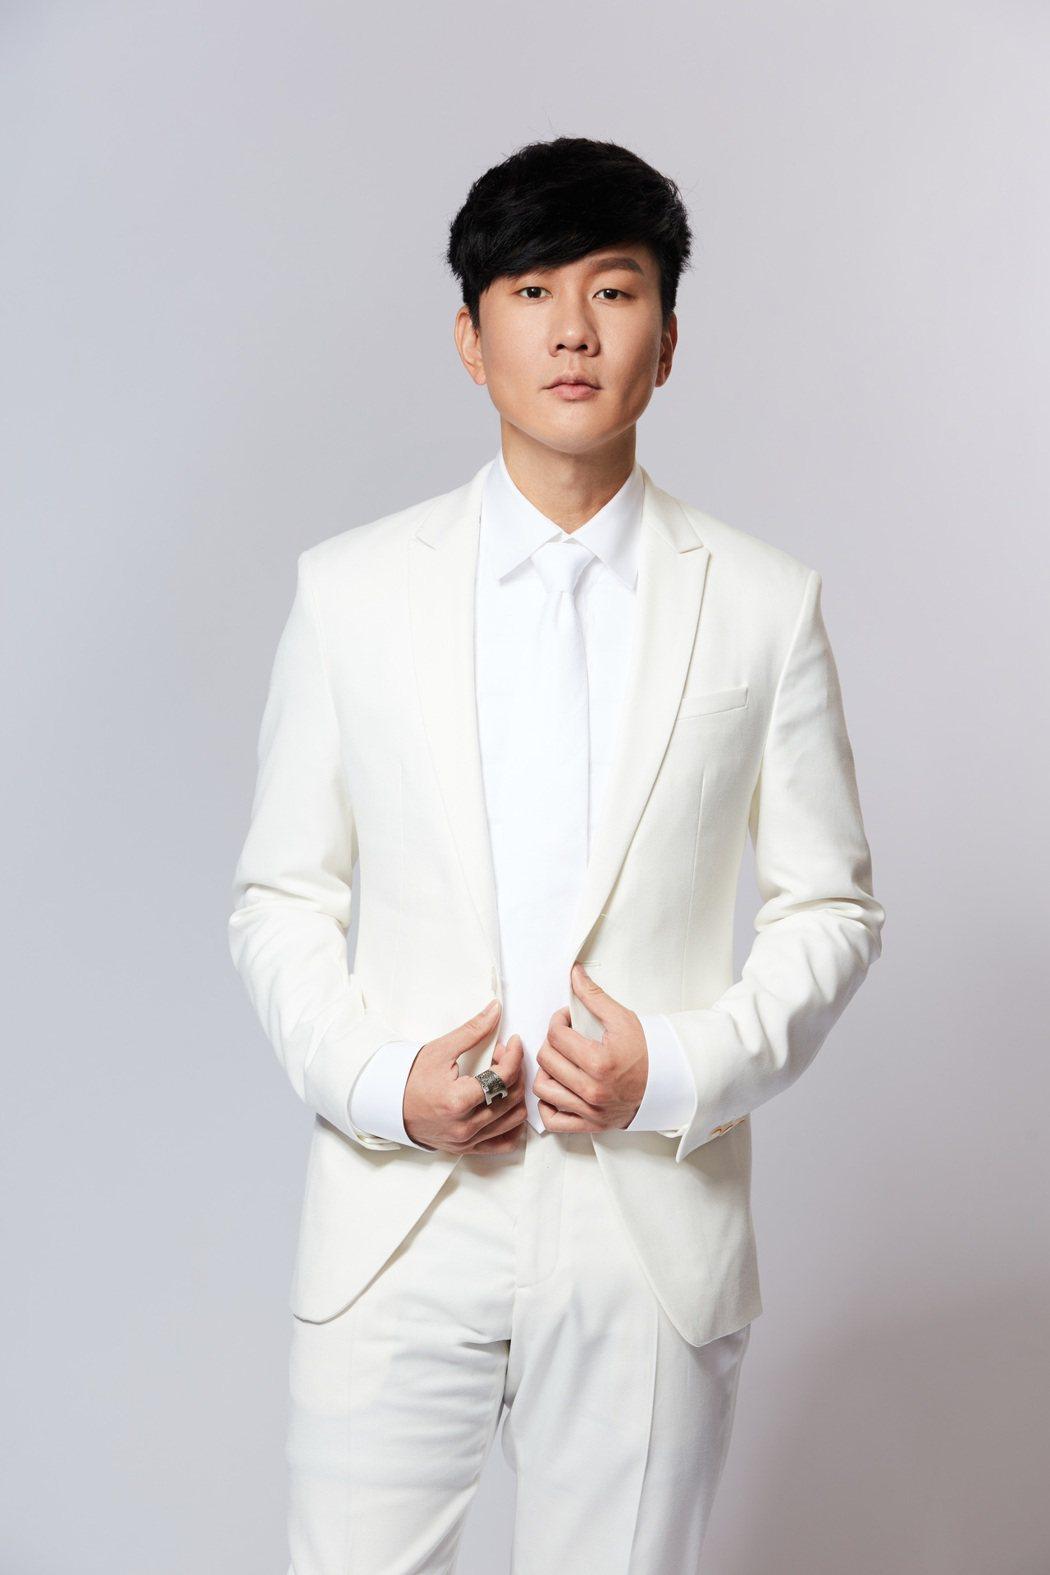 林俊傑將與孫燕姿合作獻唱英文版「Stay With You」。圖/華納音樂提供